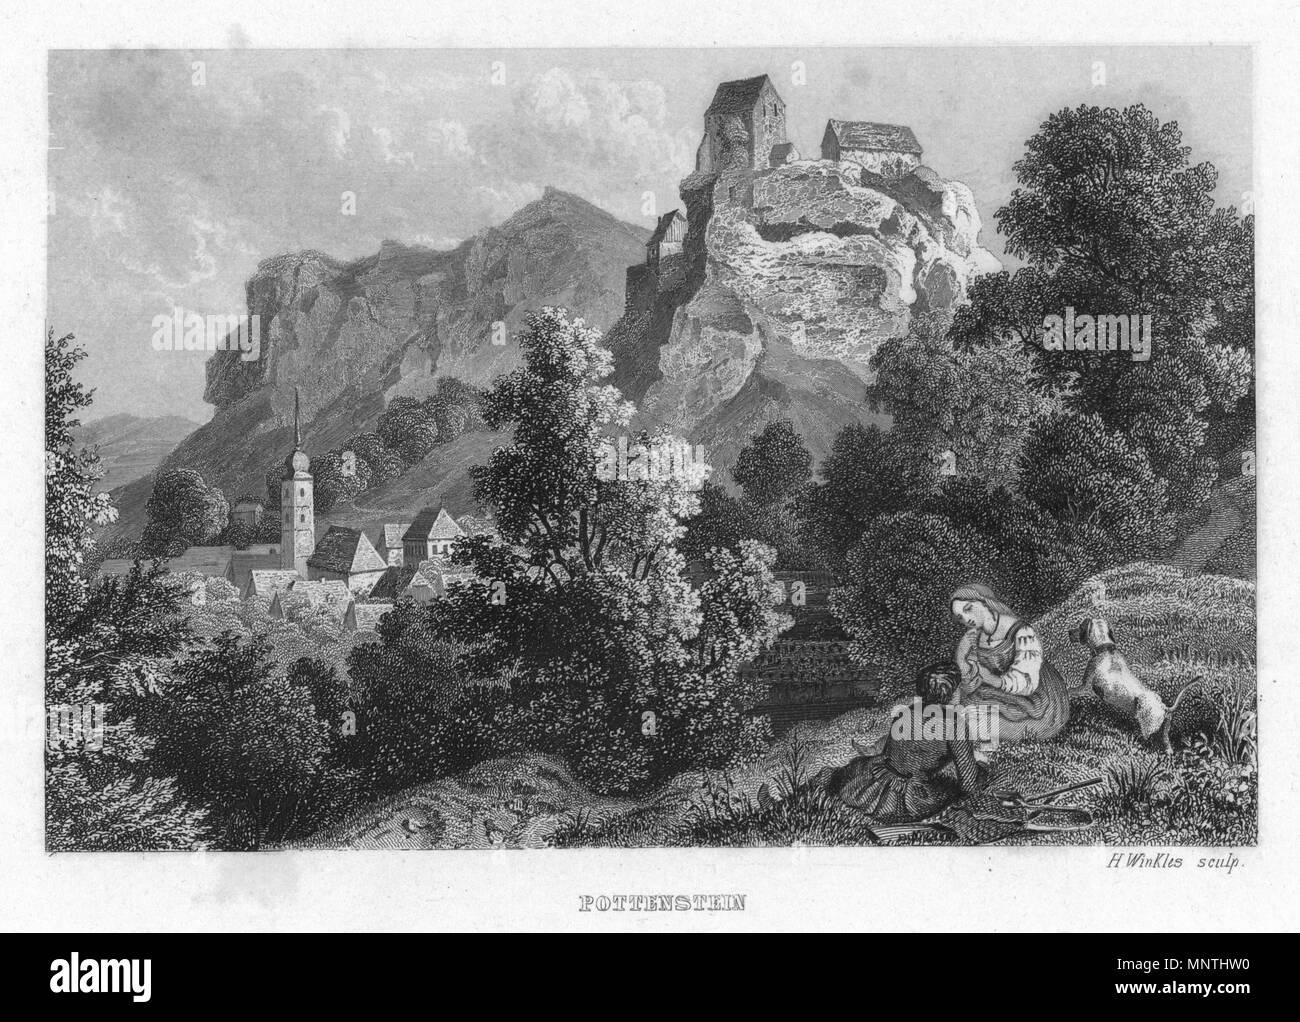 . Deutsch: Pottenstein in Album der fränkischen Schweiz. Neun Stahlstiche. 1840. 1840. H. Winkles 1025 Pottenstein 1840 002 - Stock Image